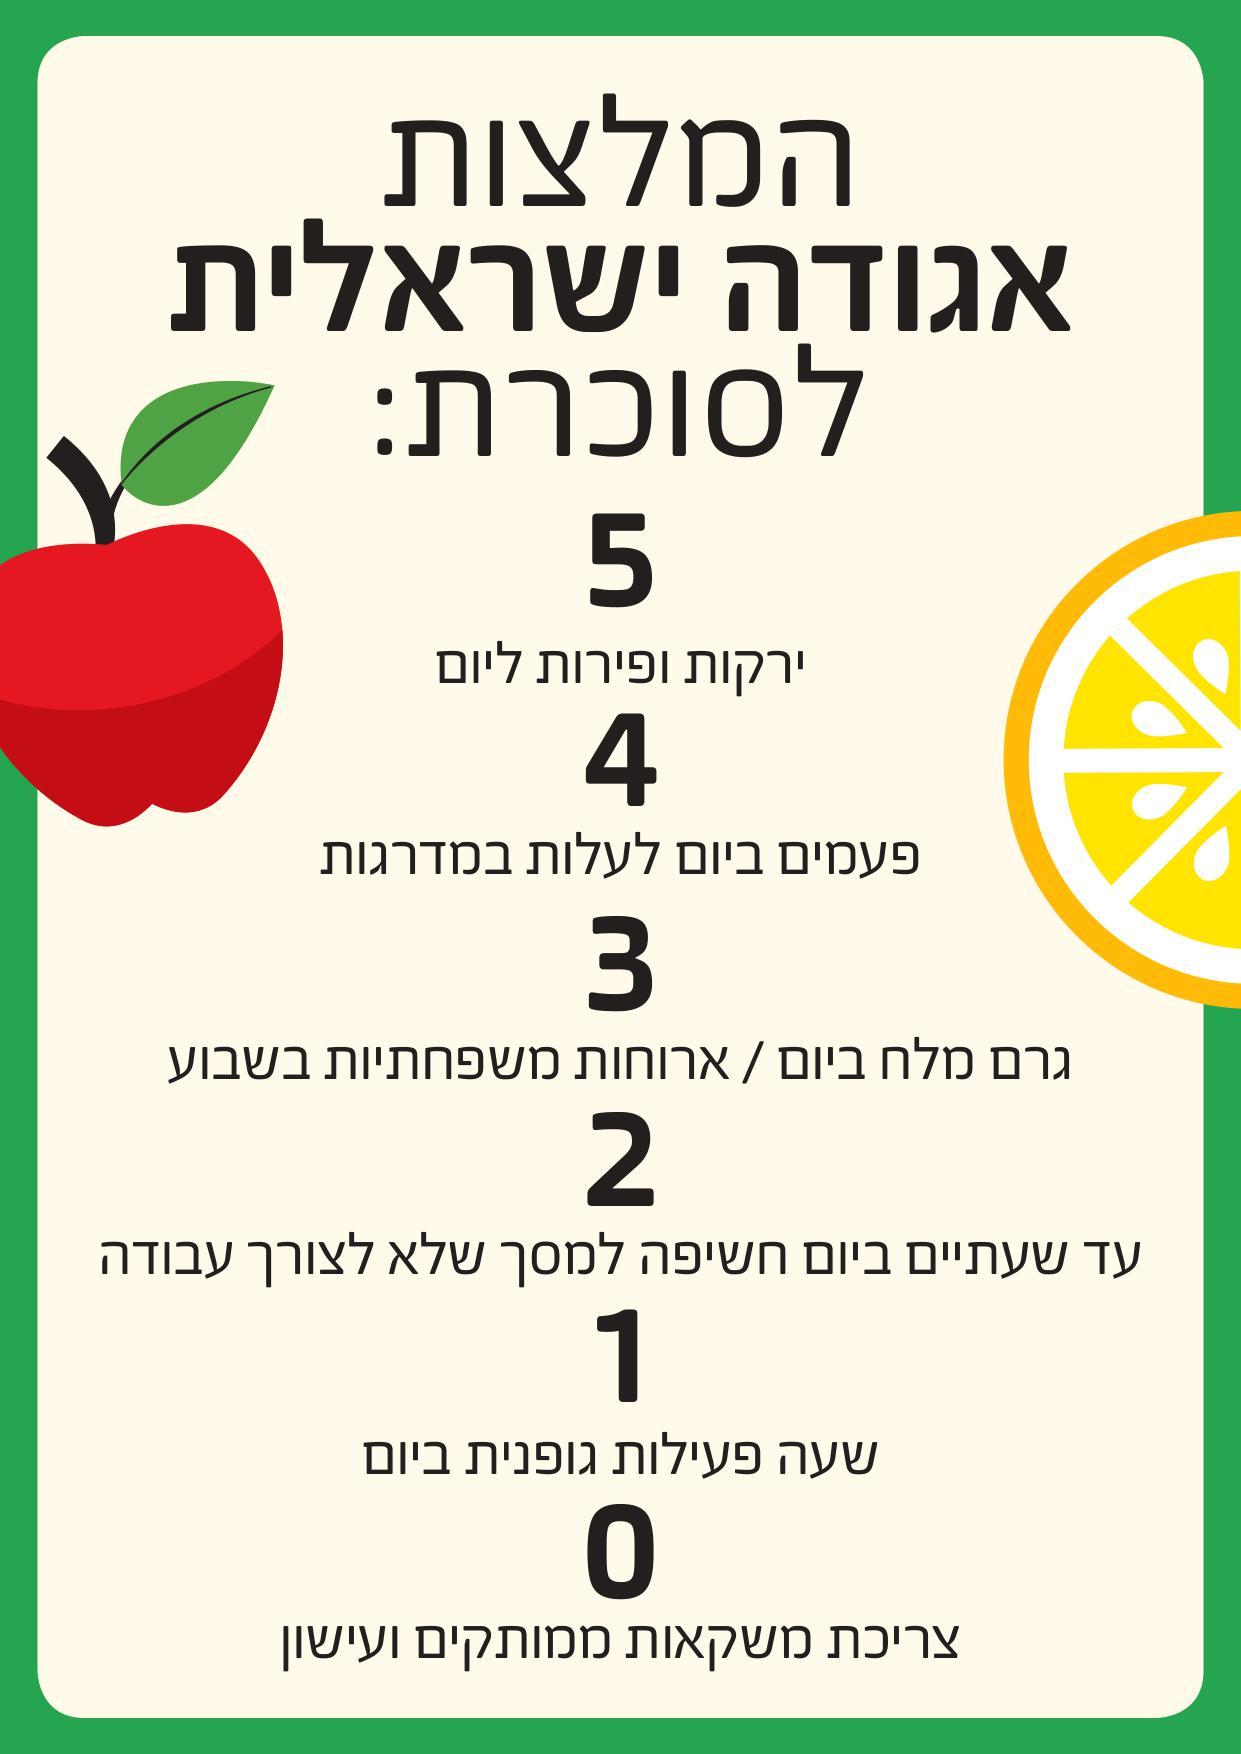 המלצות הגודה הישראלית לסוכרת